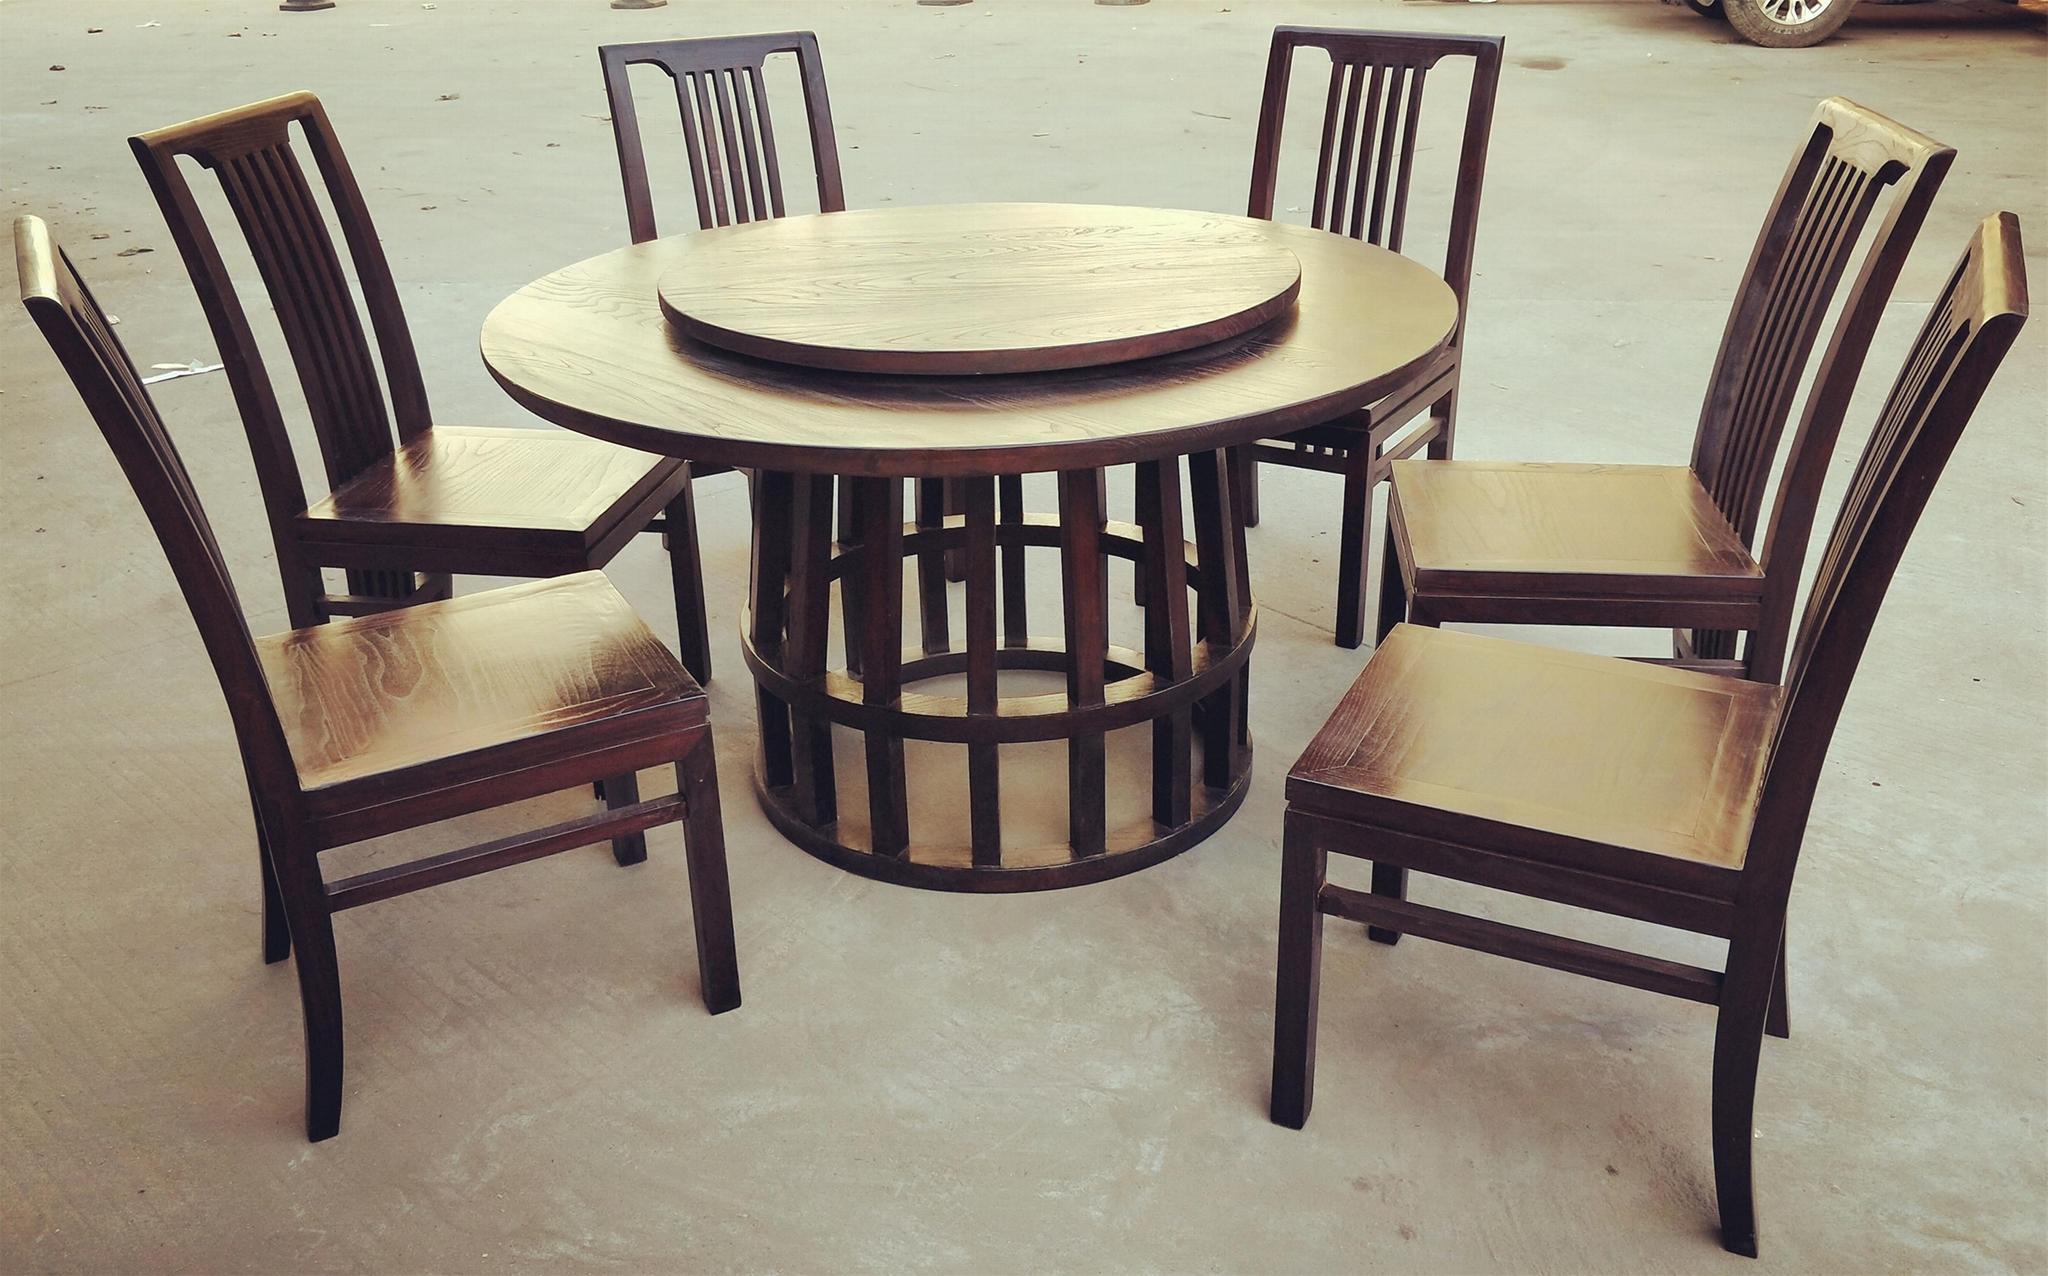 白蠟木圓餐台餐椅,面板轉動 1